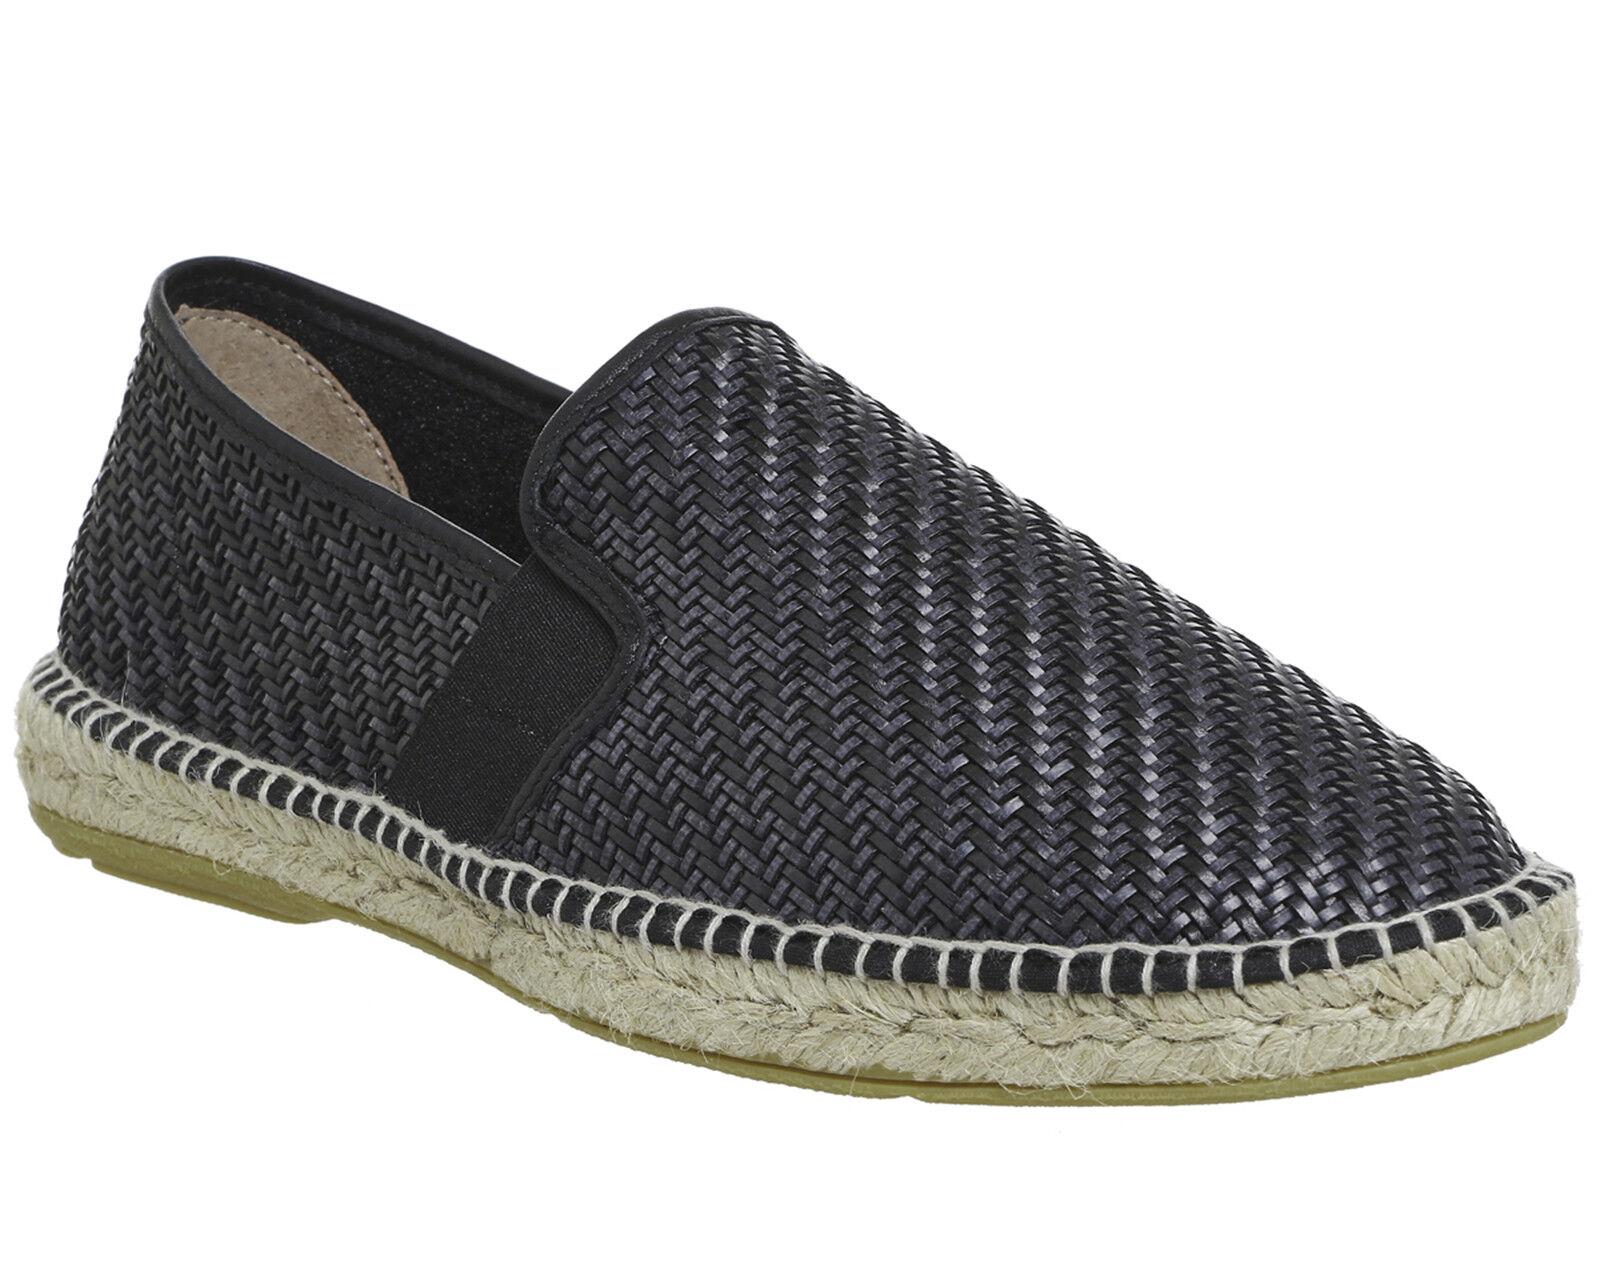 Homme poste Felice Espadrilles Noir Tissé Chaussures De Loisirs